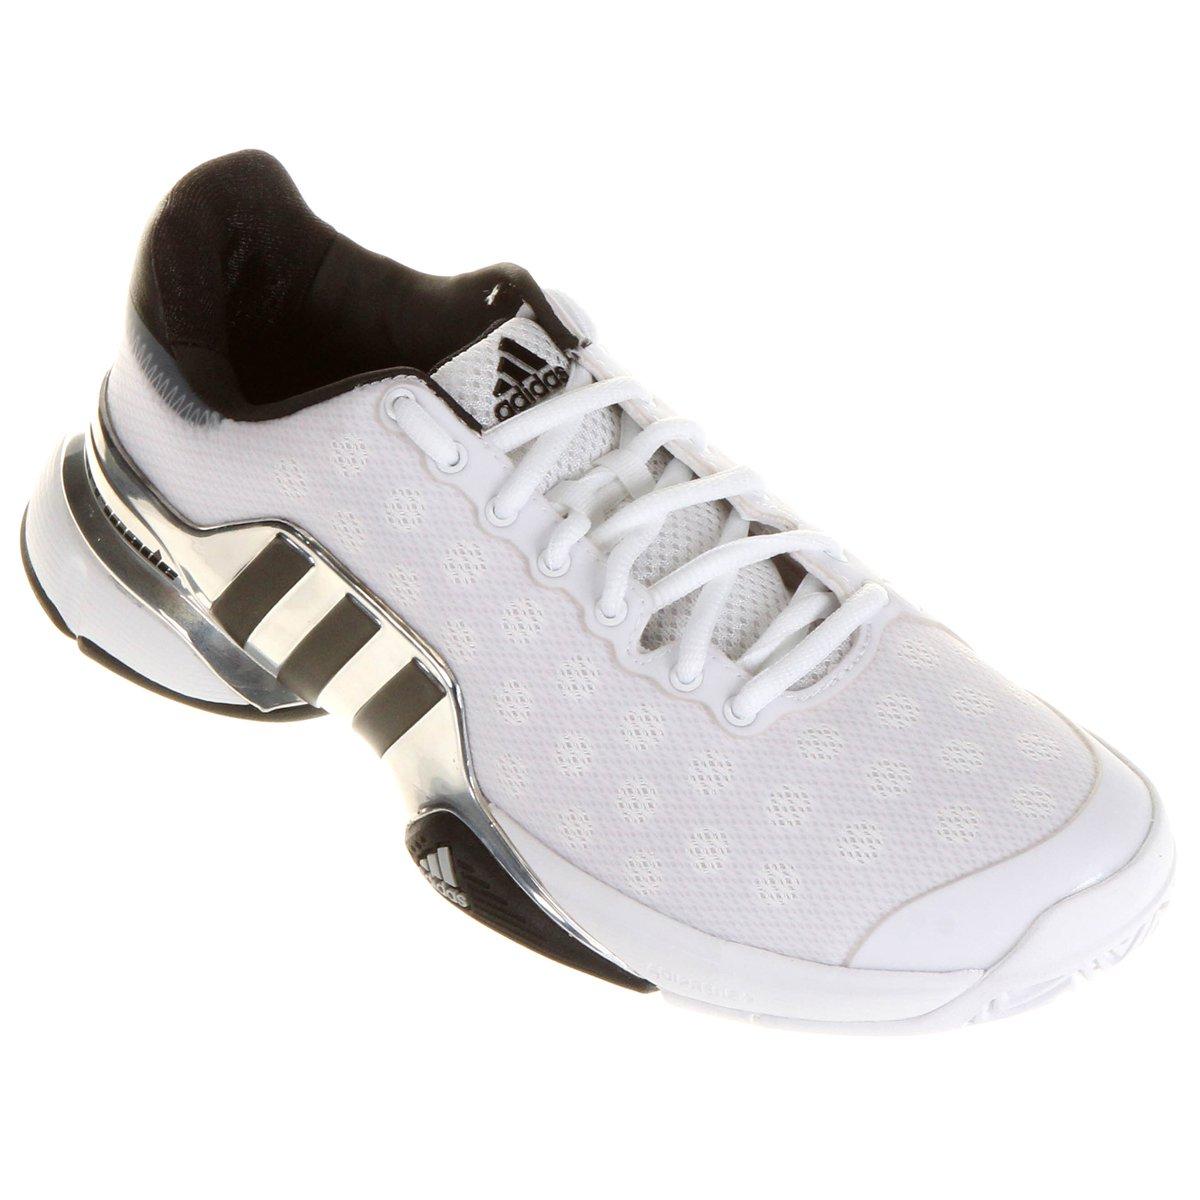 Tenis Nike Free 5 0 Netshoes Adidas